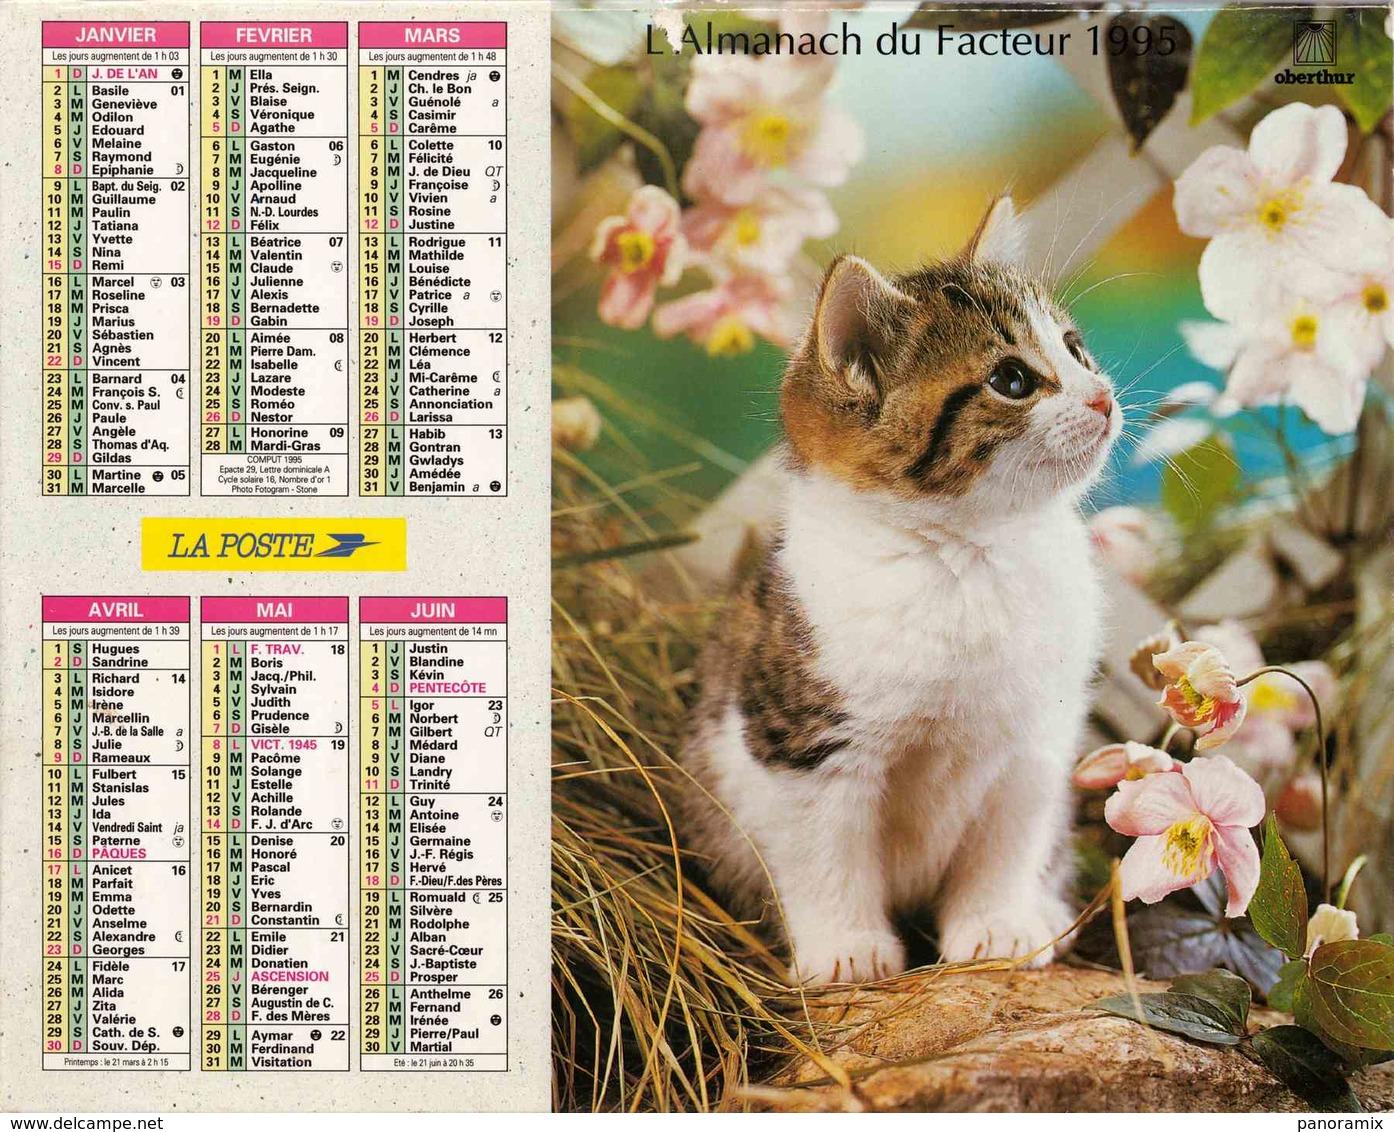 °° Calendrier Almanach La Poste 1995 Oberthur - Dépt 72 - Chatons - Calendriers